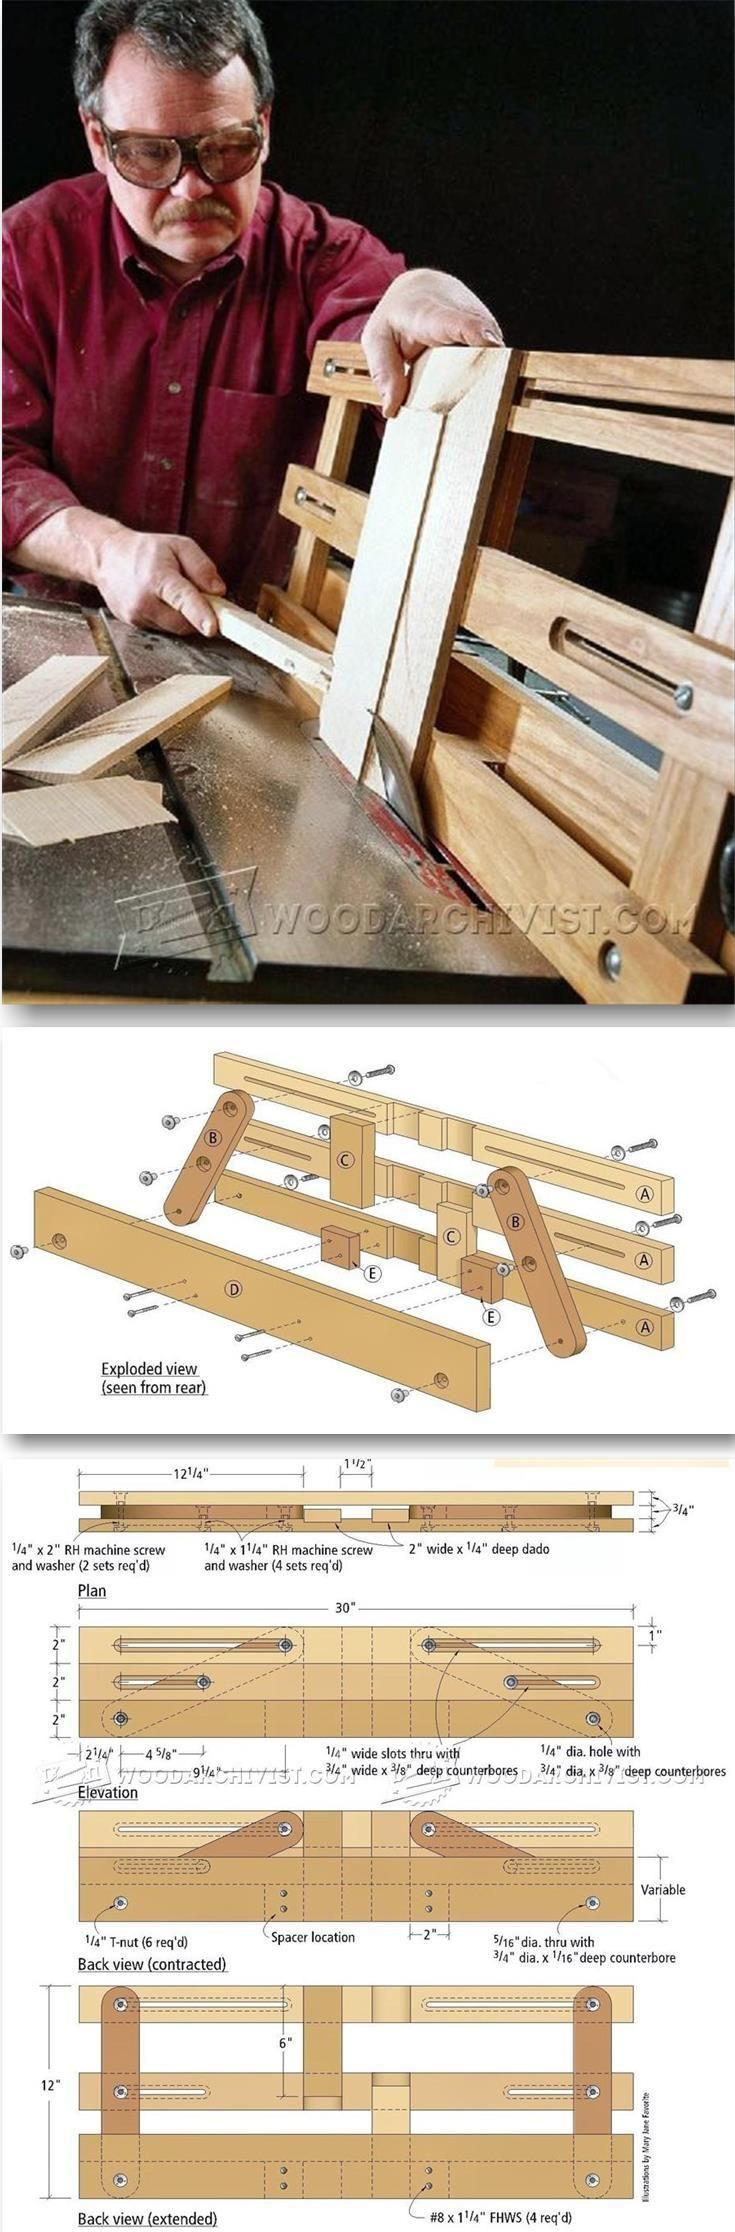 Raised Panel Table Saw Jig - Cabinet Door Construction Techniques | WoodArchivist.com